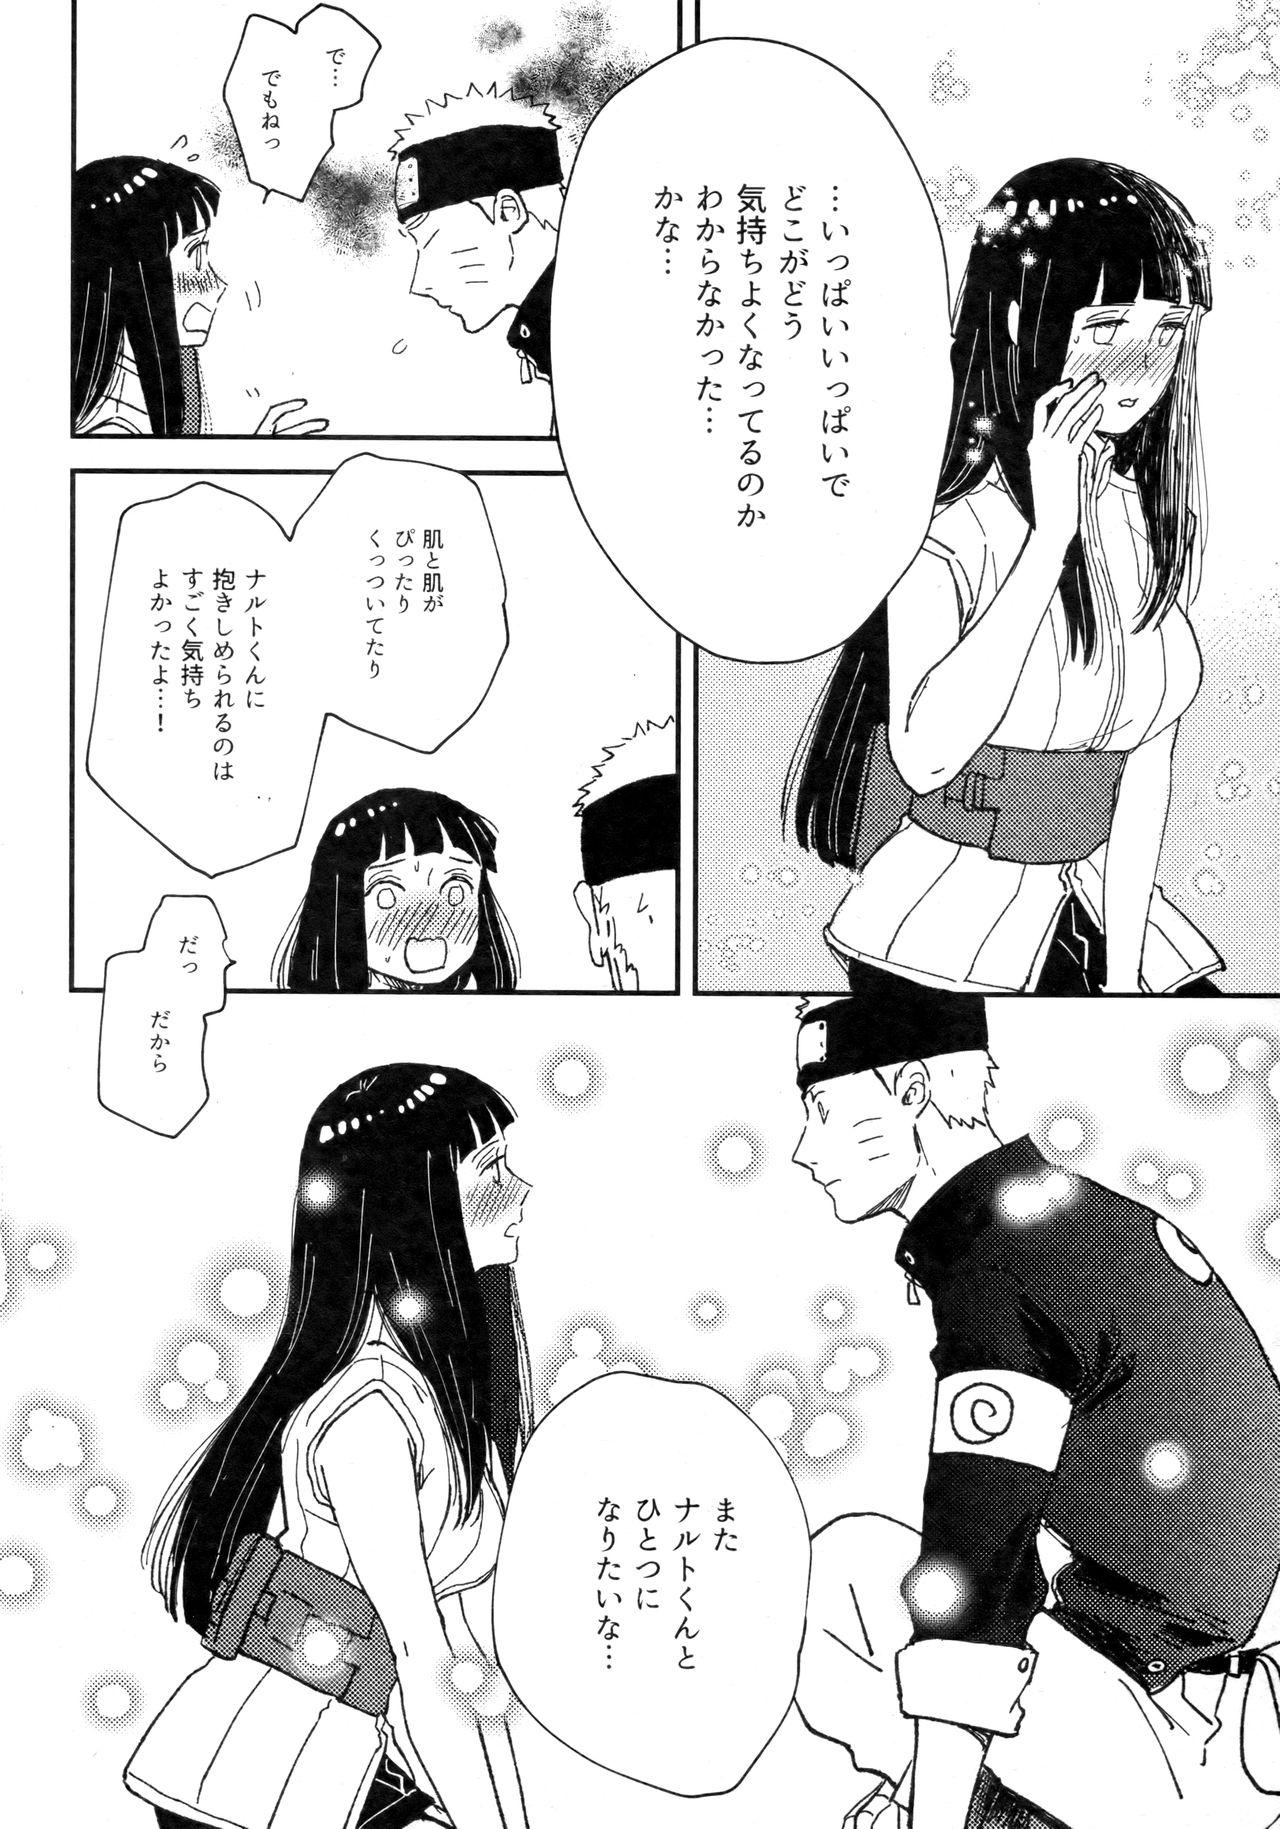 Koiwo Shiteiru Karada 3 14